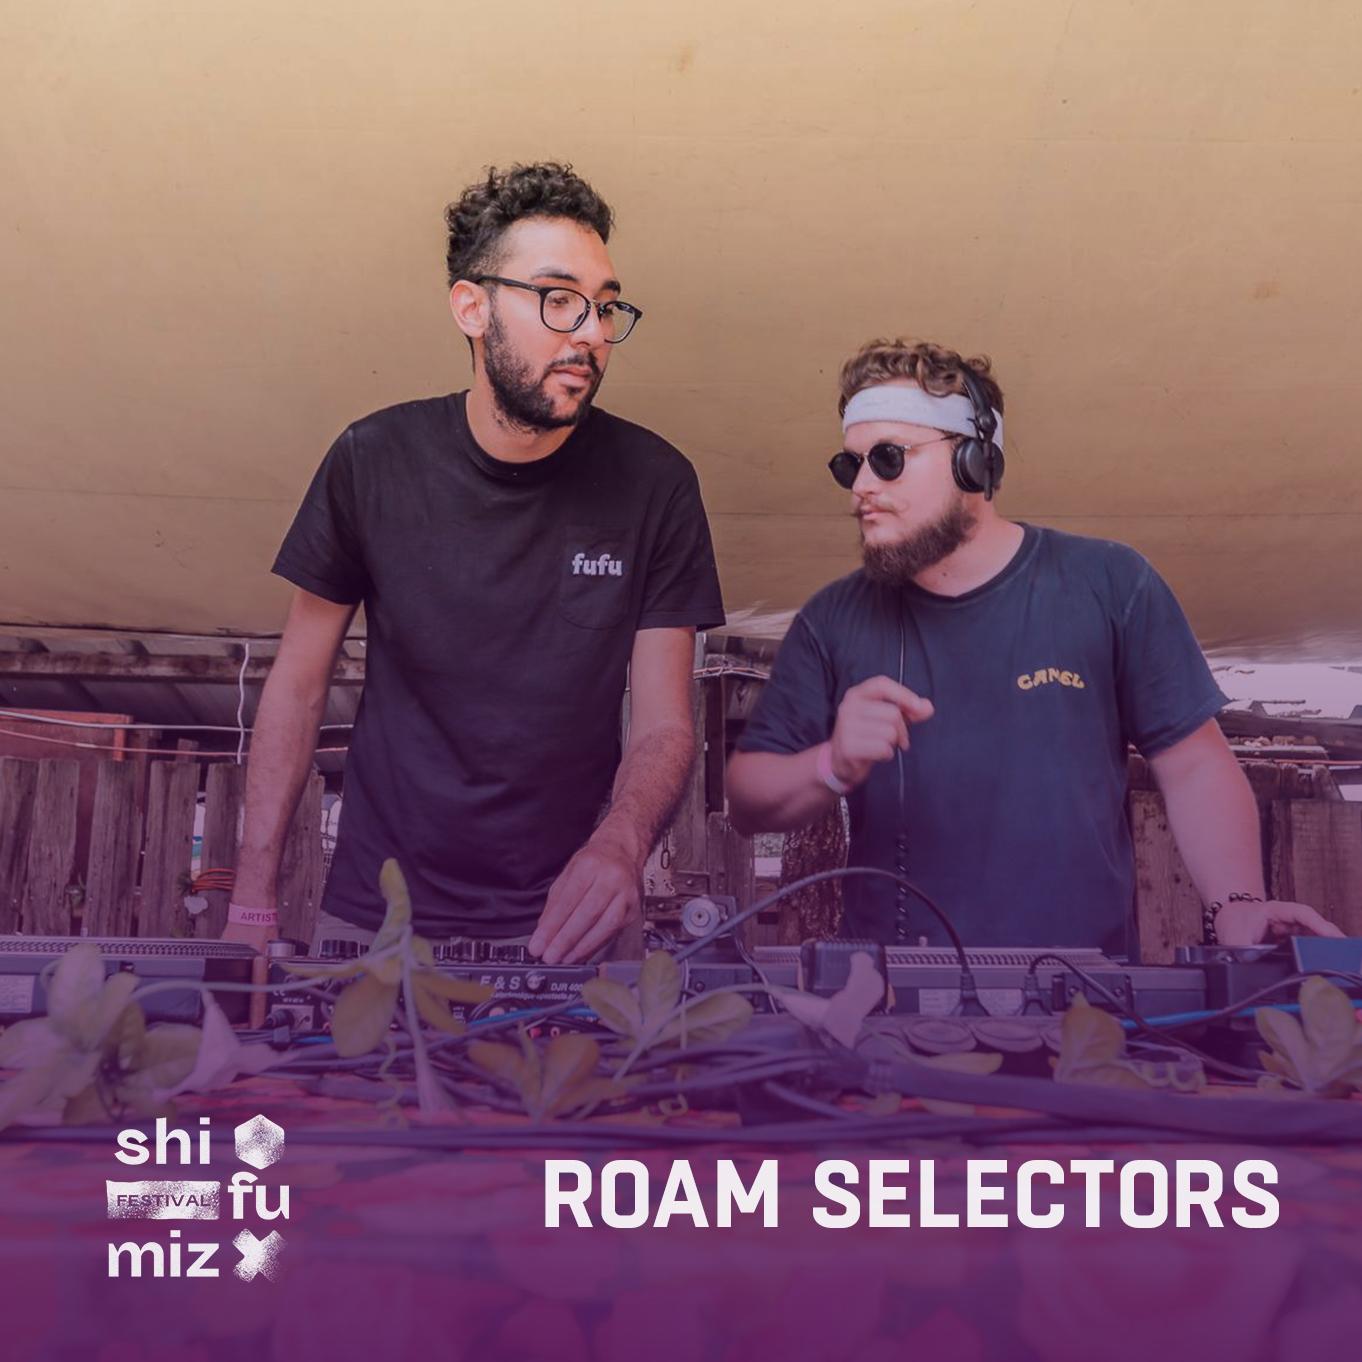 ROAM SELECTORS.jpg